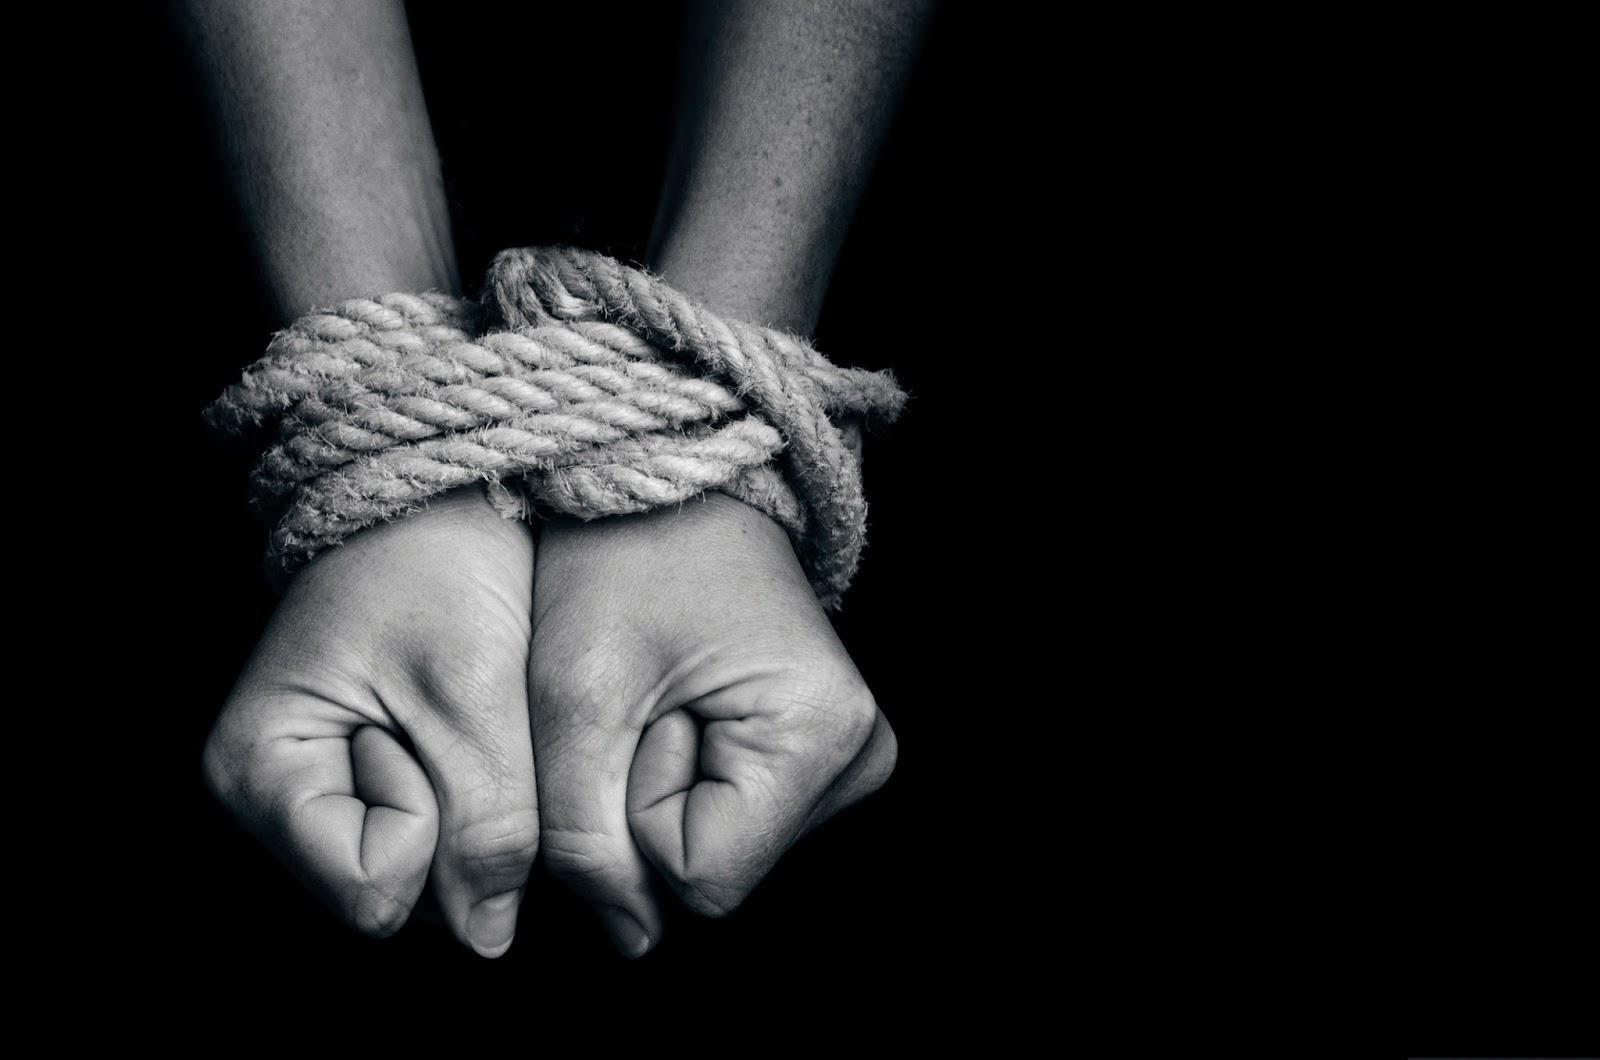 Электронные партнерам, картинки торговля людьми